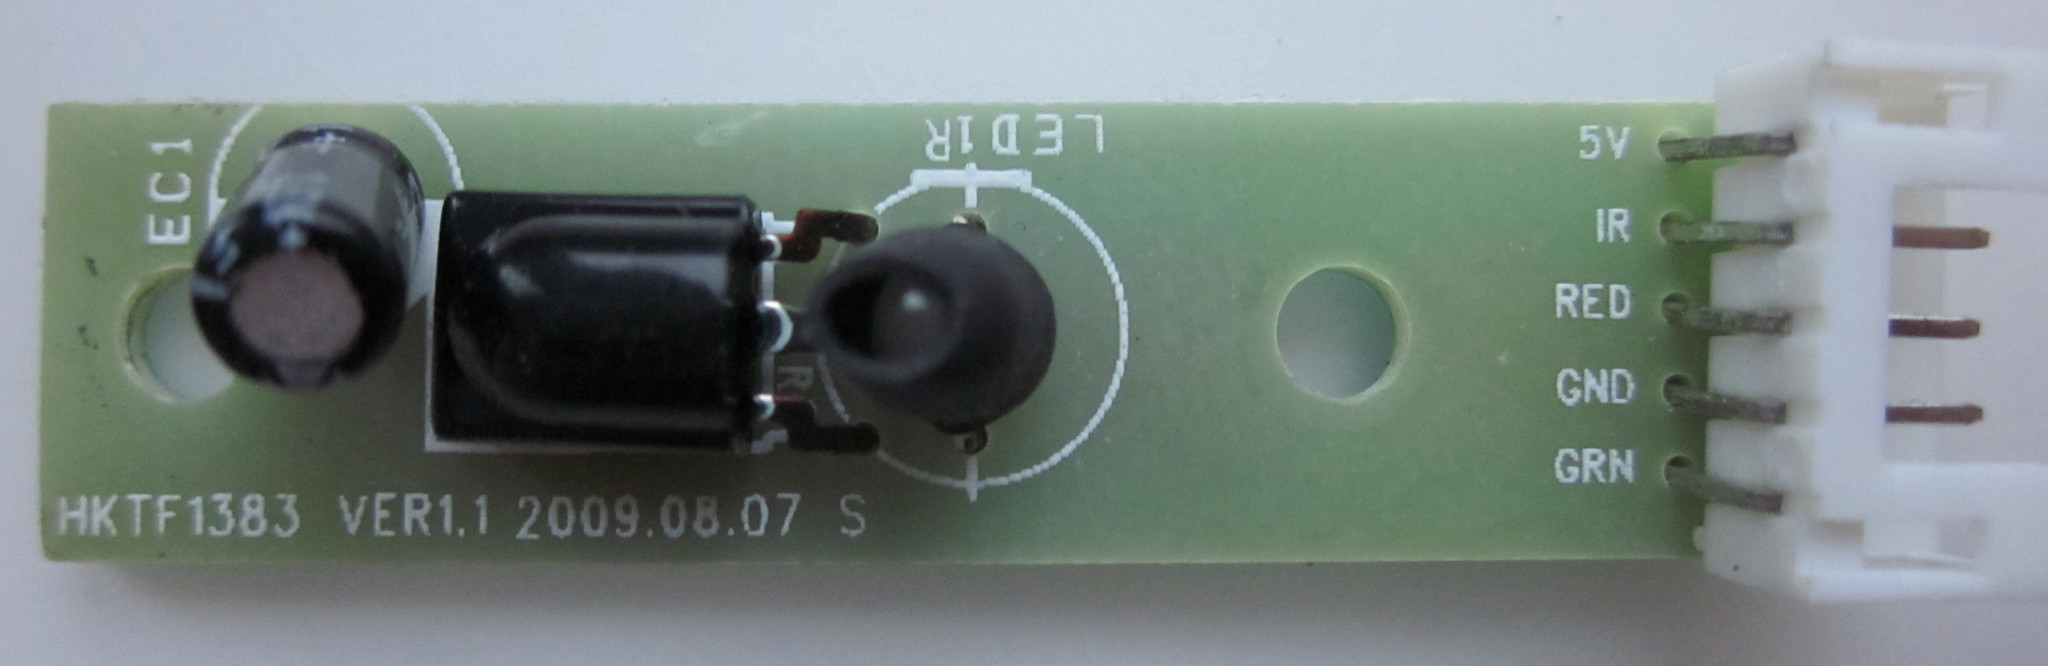 HKTF1383 VER1.1